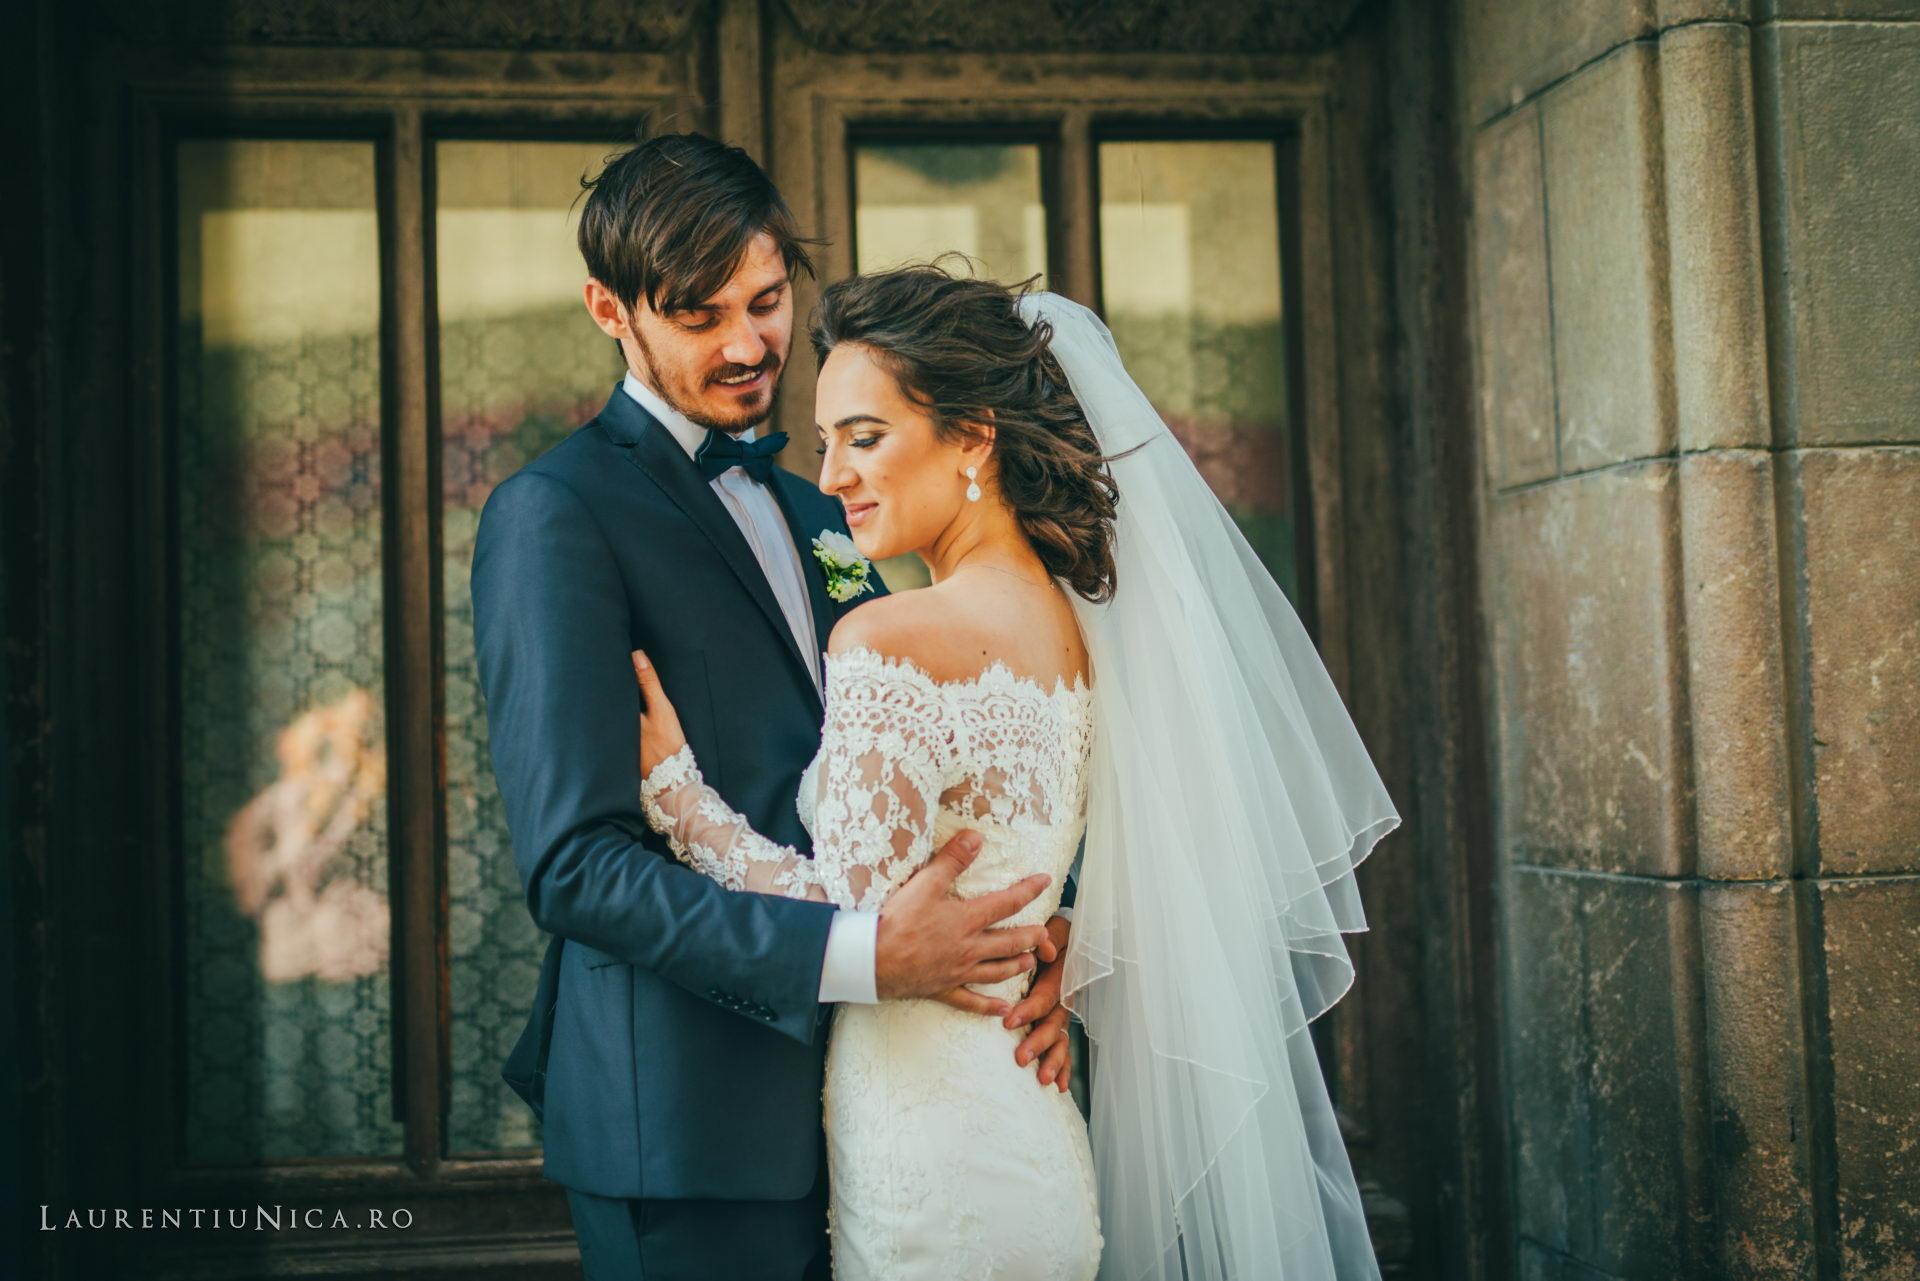 Cristina si Ovidiu nunta Craiova fotograf laurentiu nica 107 - Cristina & Ovidiu | Fotografii nunta | Craiova